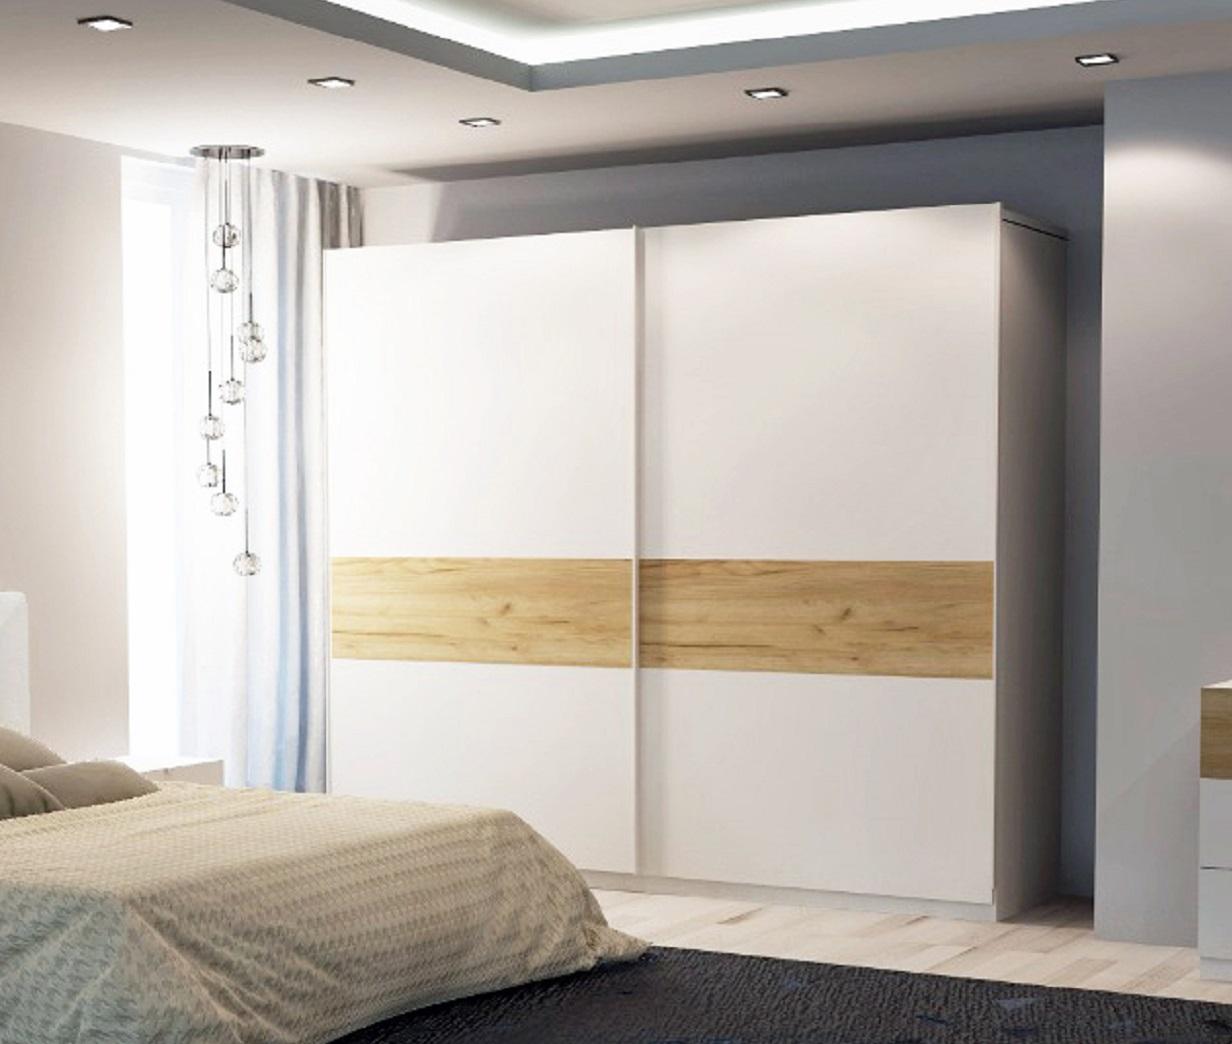 Beeindruckend Kommode Weiß Buche Das Beste Von Mit Spiegel Akiri In Weiß Modern Design